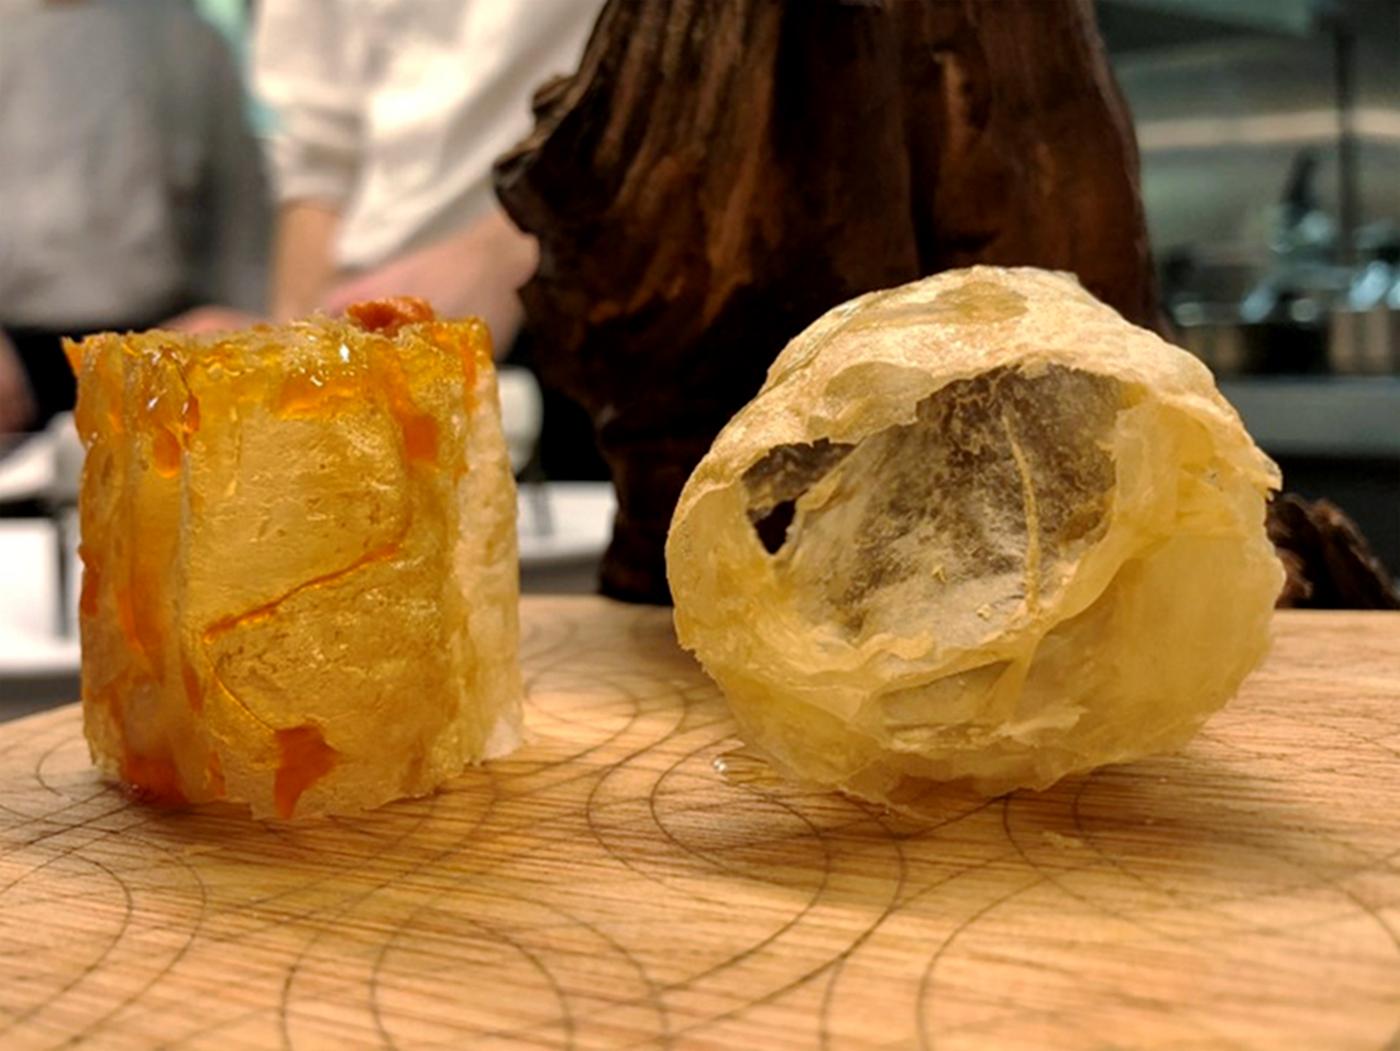 El hojaldre sin gluten que elaboraron los chefs de 'Disfrutar'. Foto: Disfrutar.